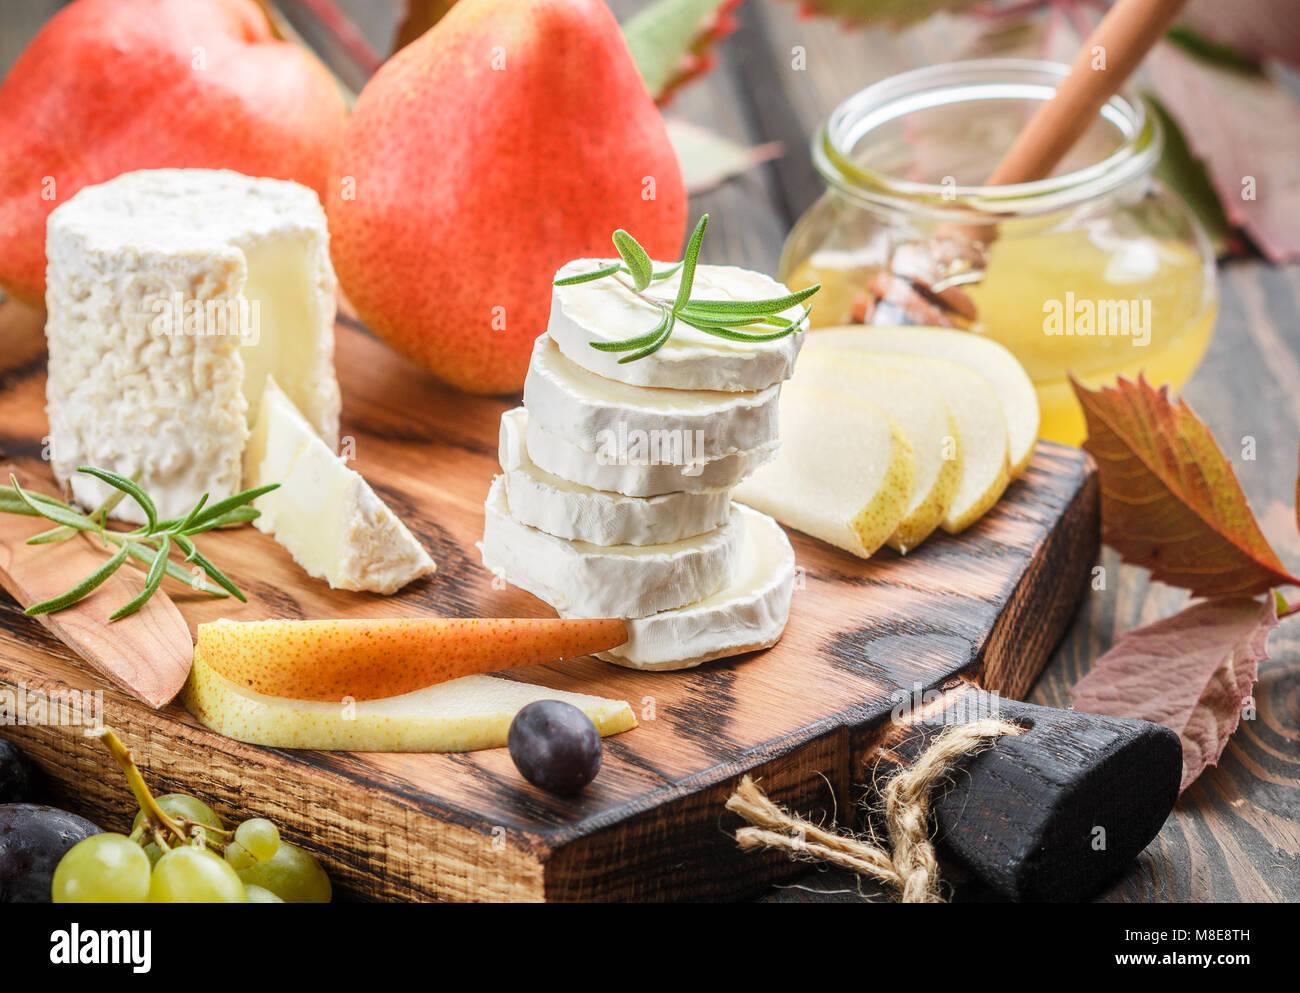 Formaggio di capra con frutta e miele. Camembert. Bree. Uva, pera e rosmarino. Vino Gourmet snack. Messa a fuoco Immagini Stock